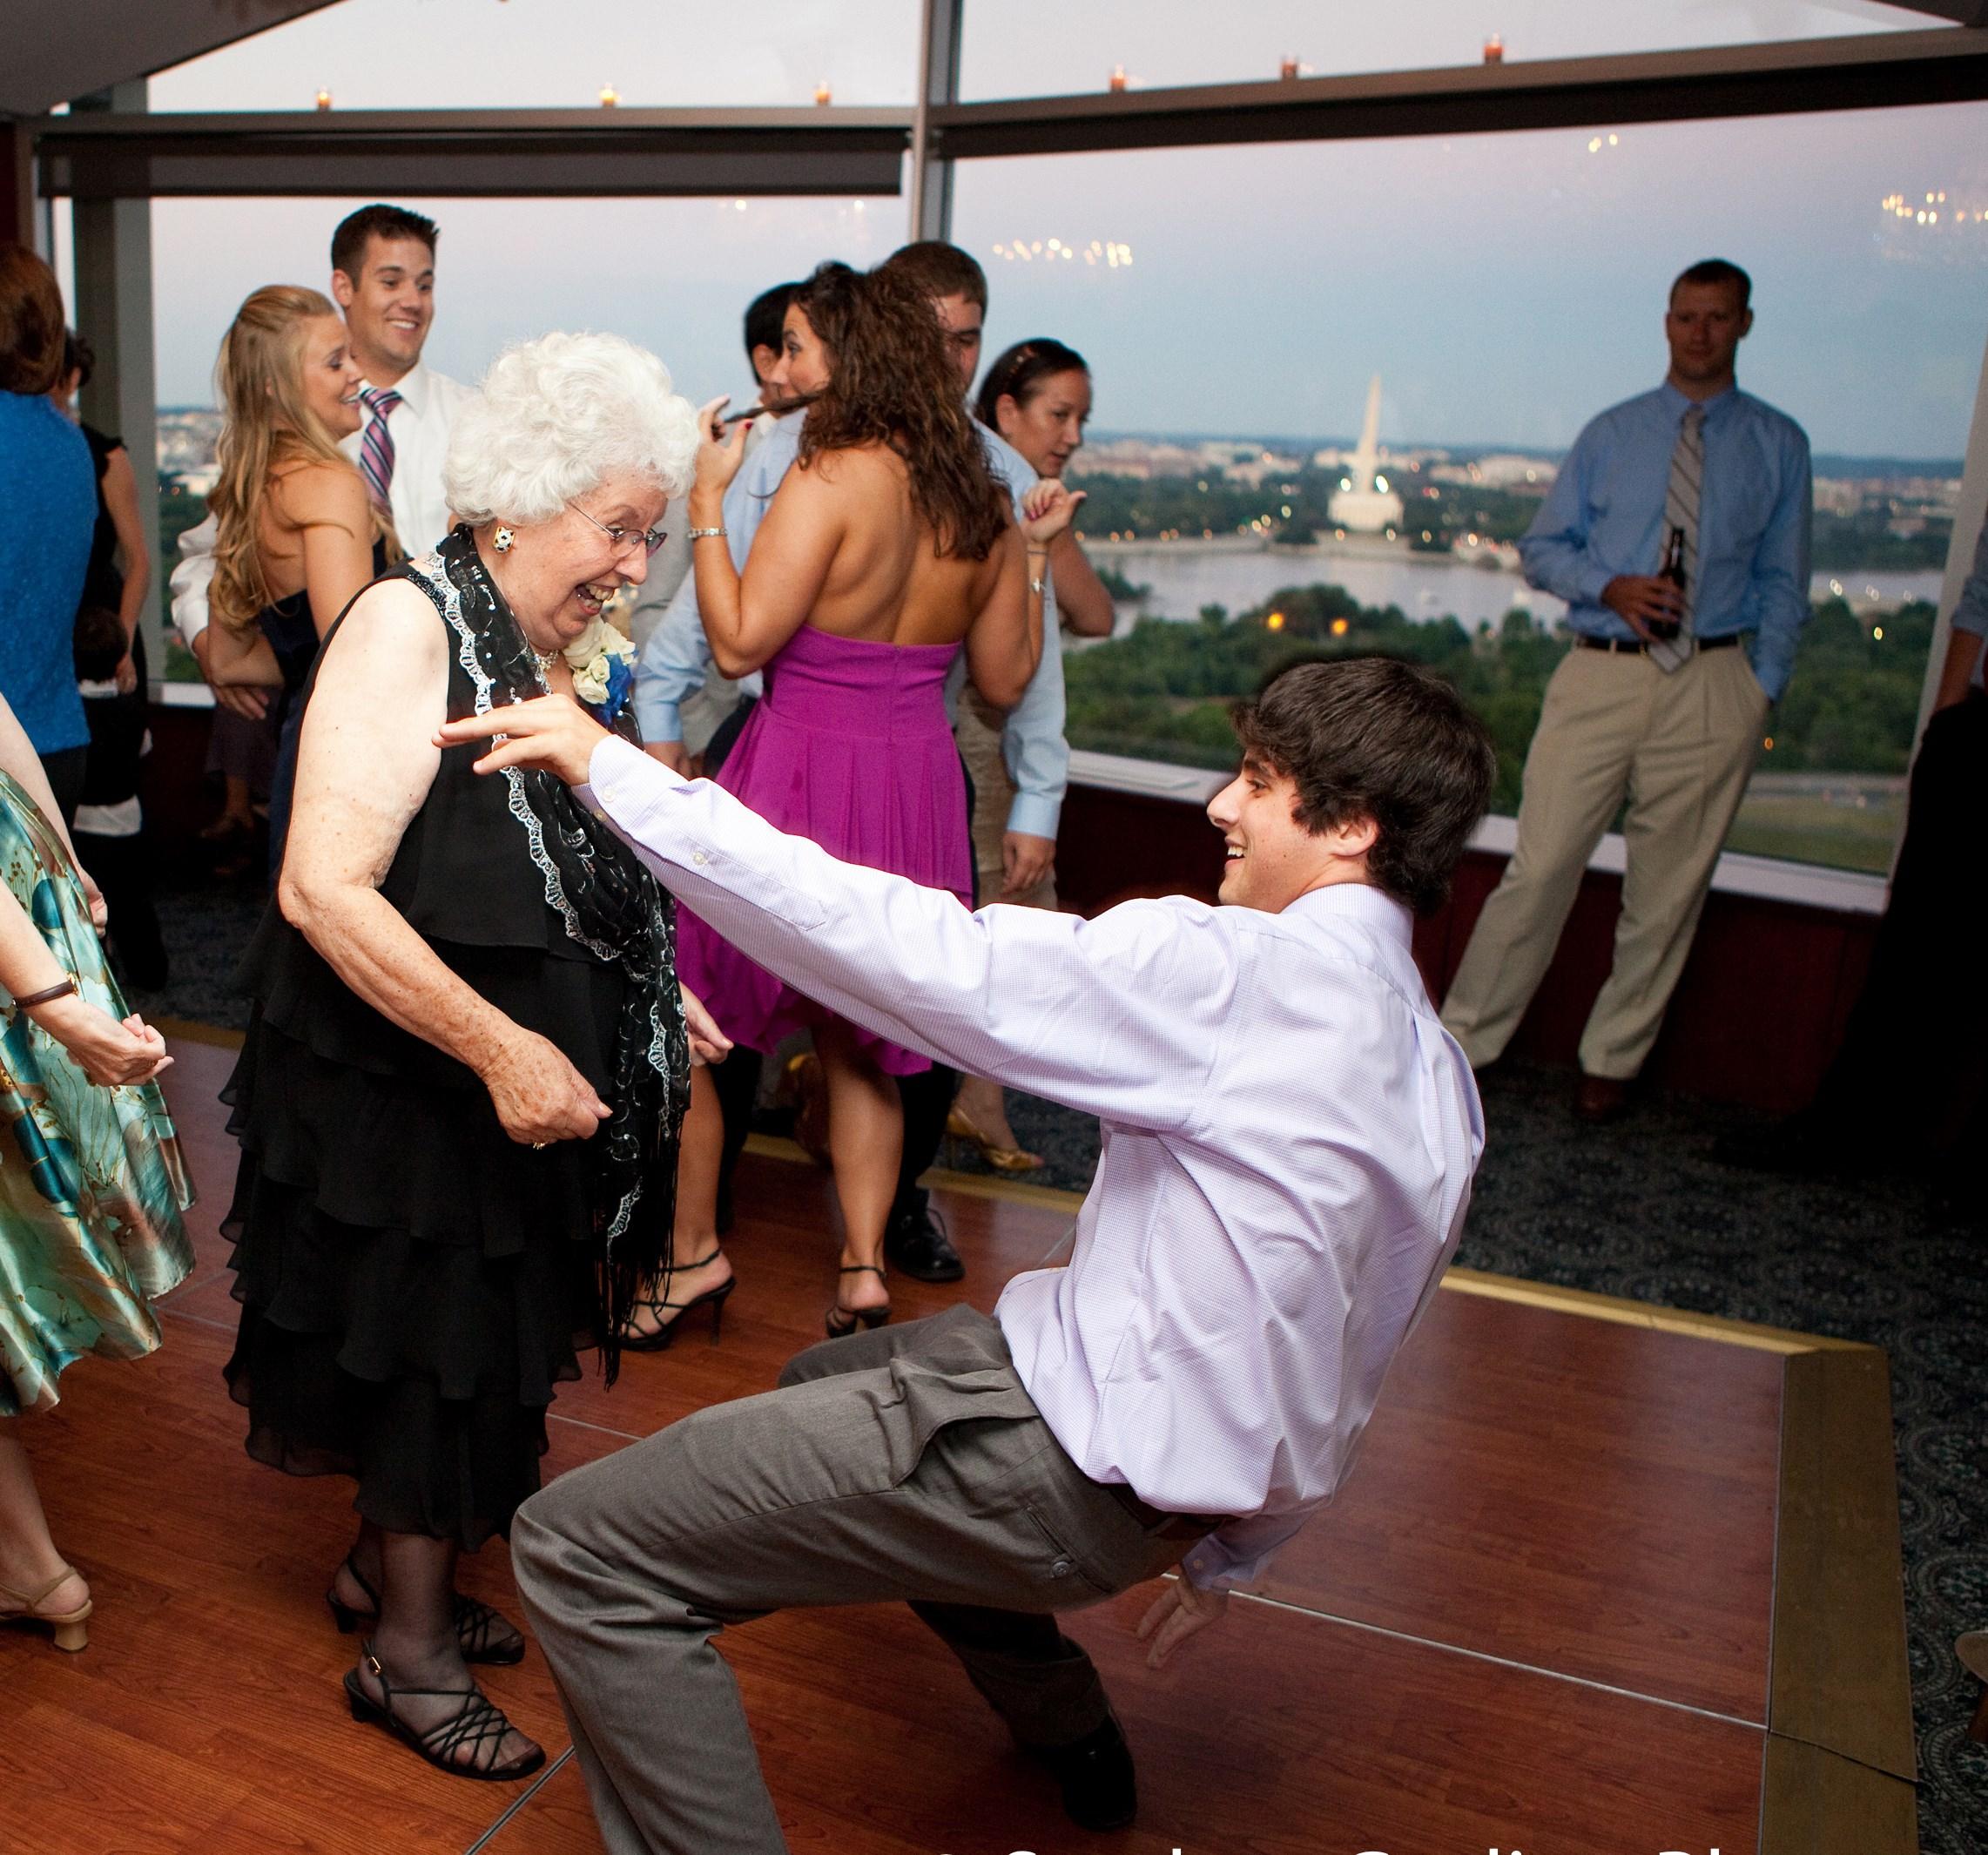 SG_Erinn&Ryan break dance w older lady_665.jpg